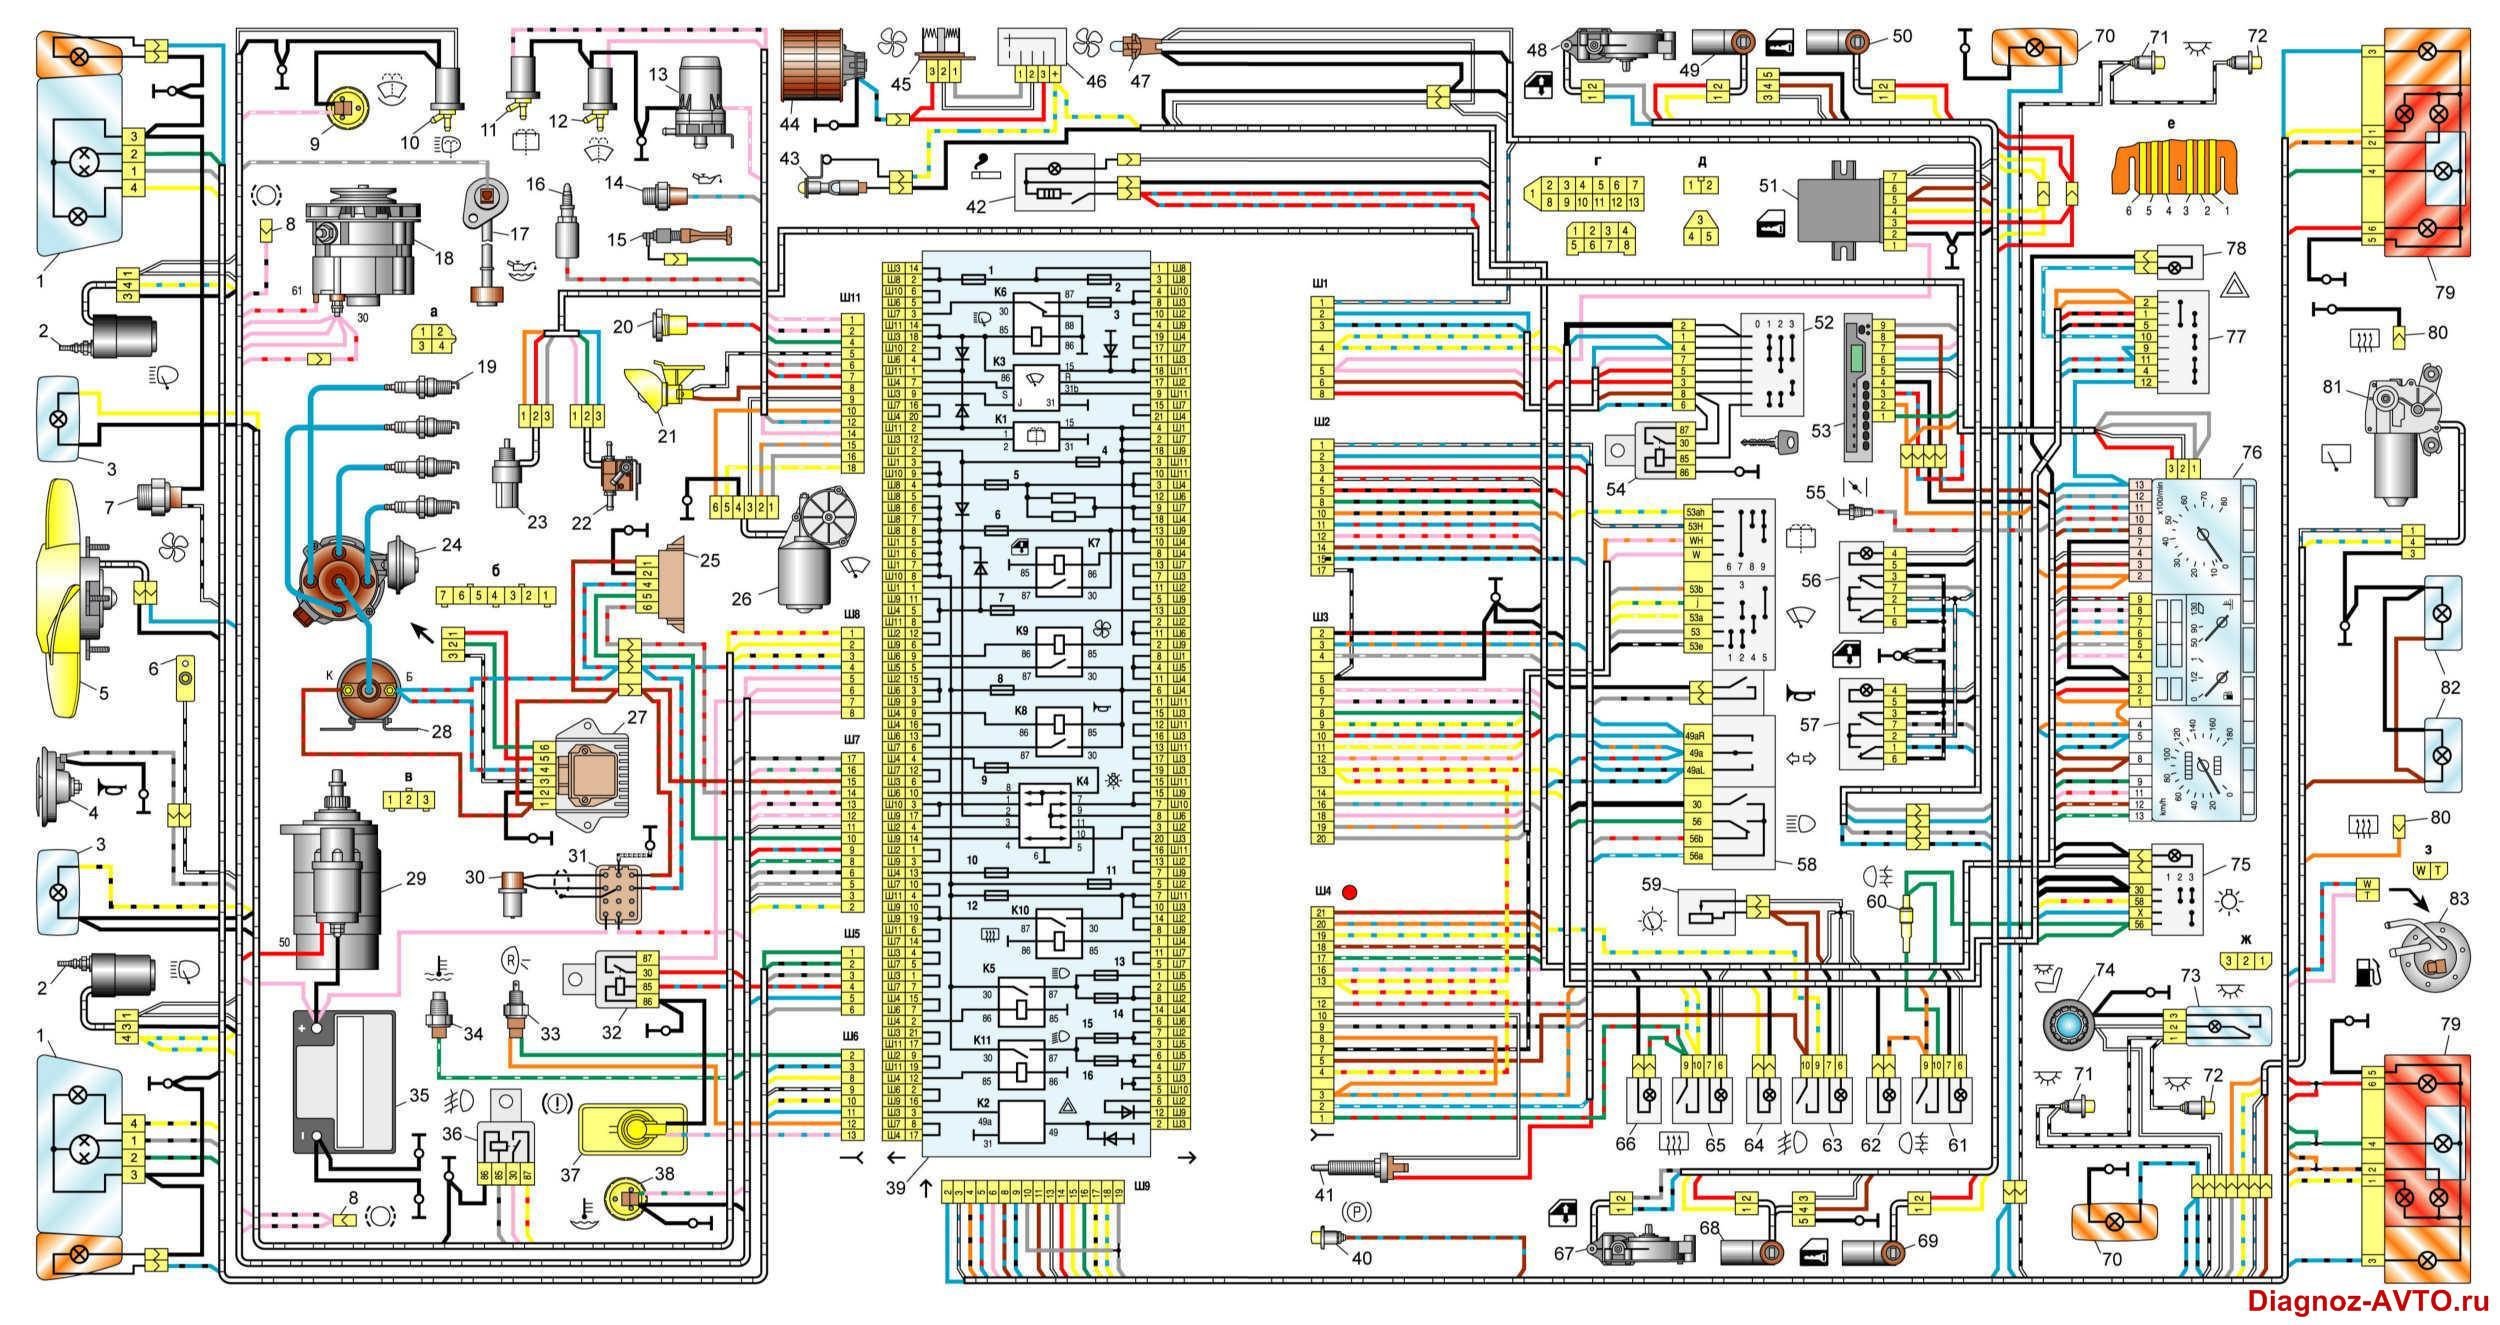 схема электропроводки ваз 2109